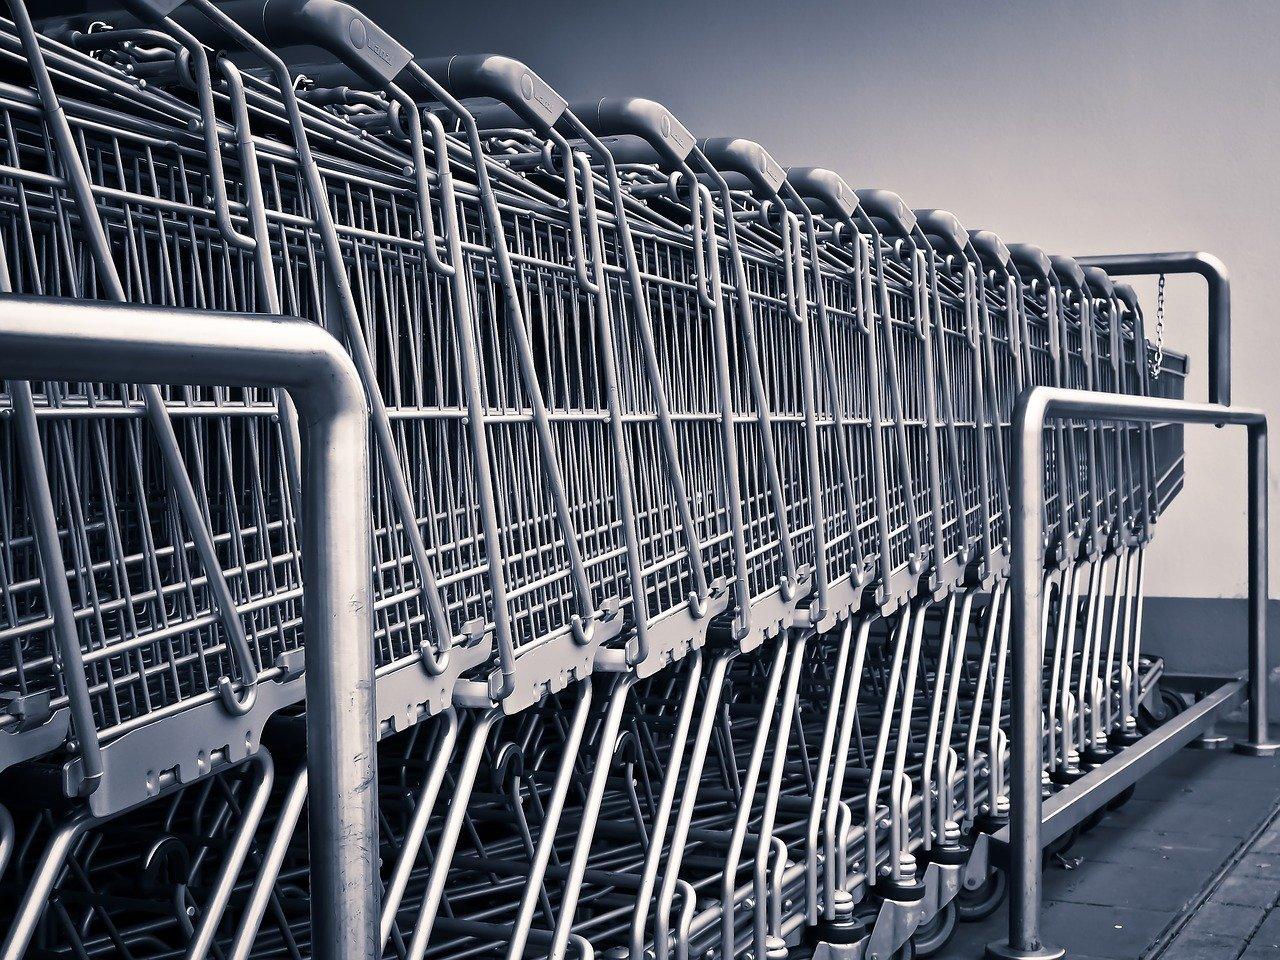 Carrefour : un bilan 2020 en grande forme